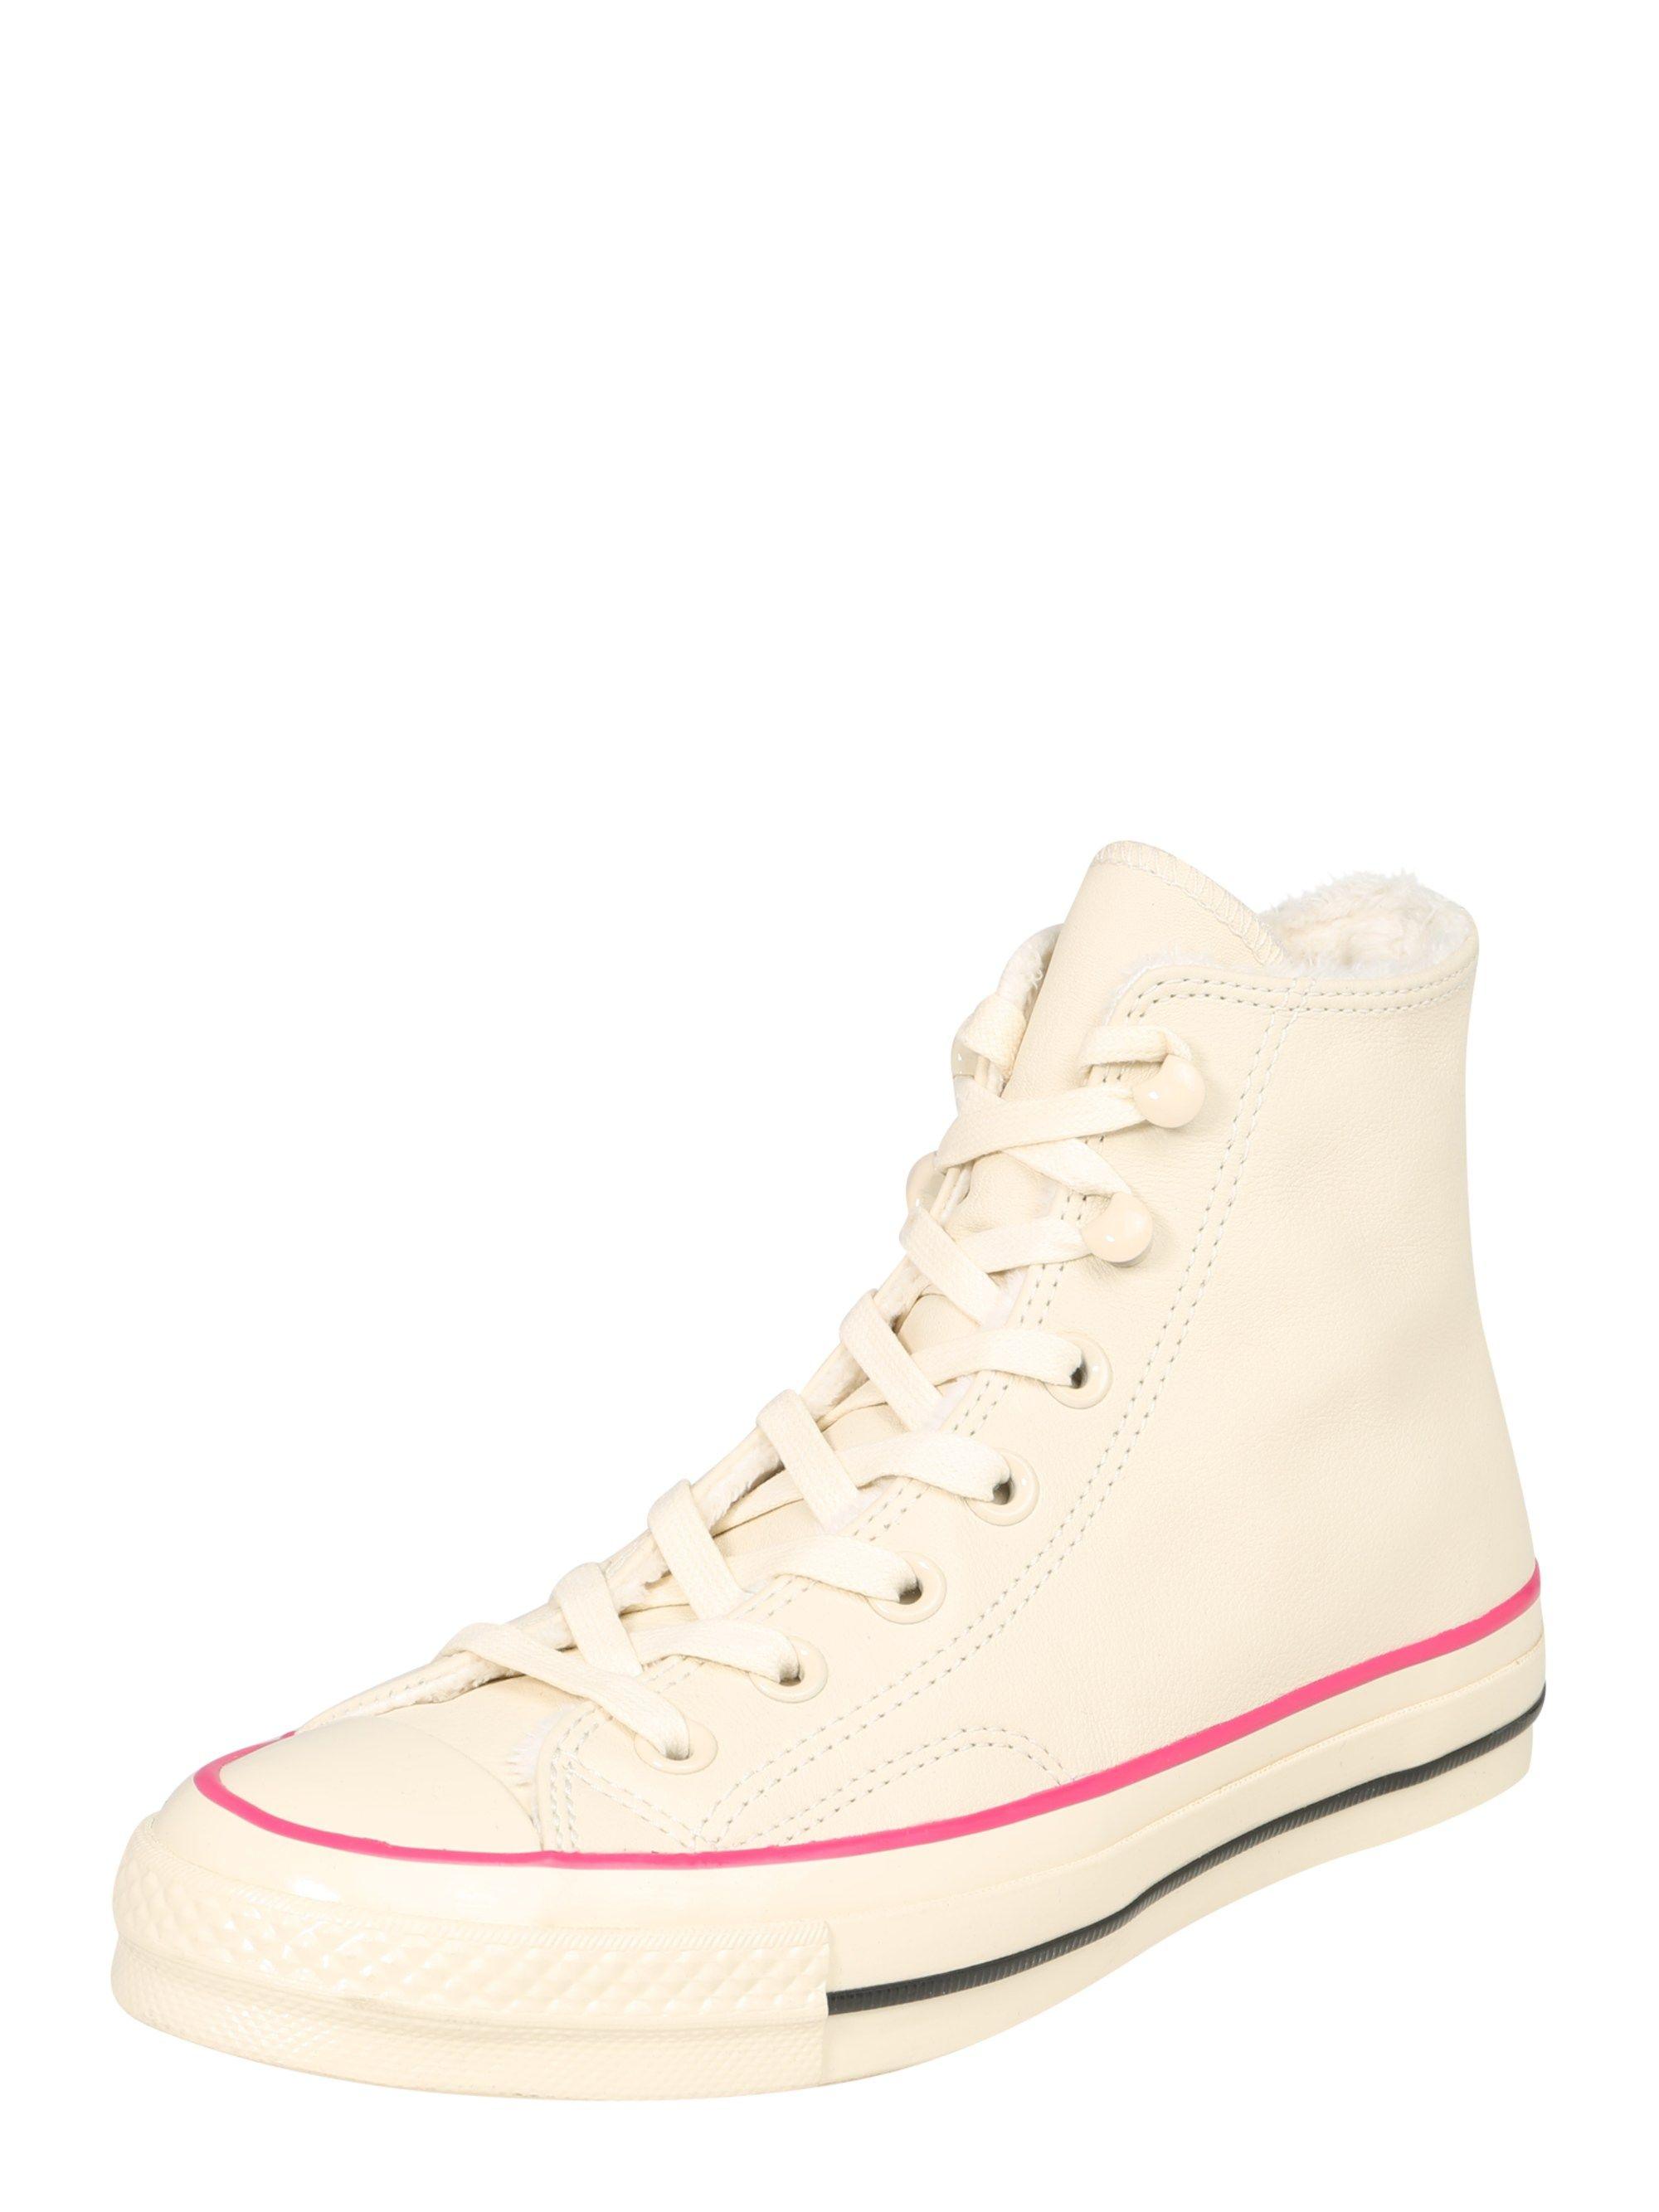 Damen CONVERSE High Top Sneaker CHUCK 70 HI weiß